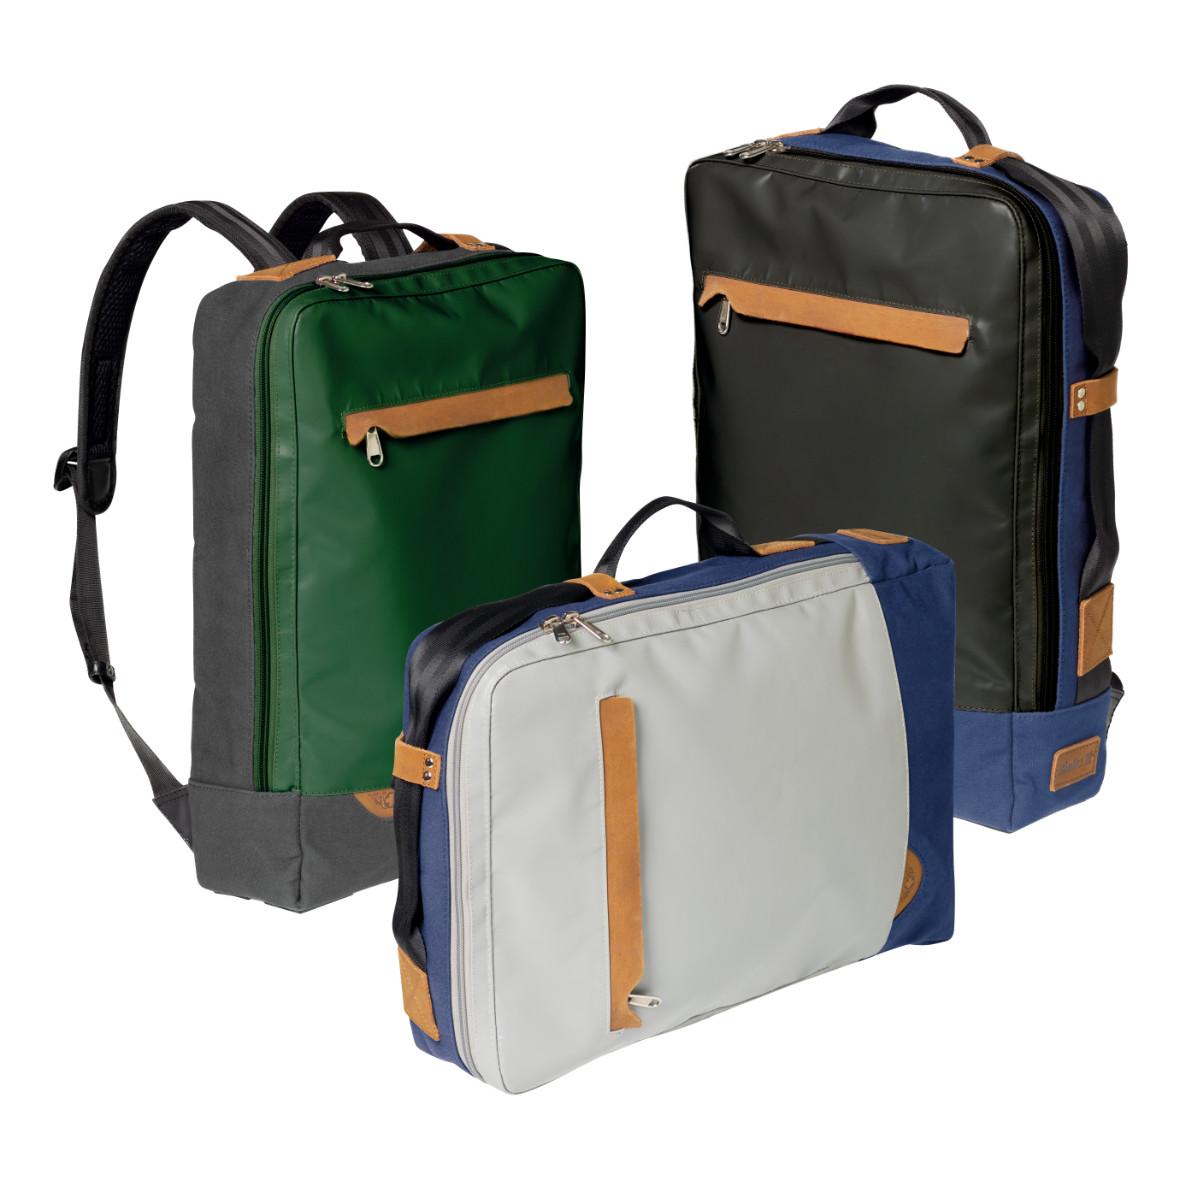 rucksack trio collection bundesordner biella1